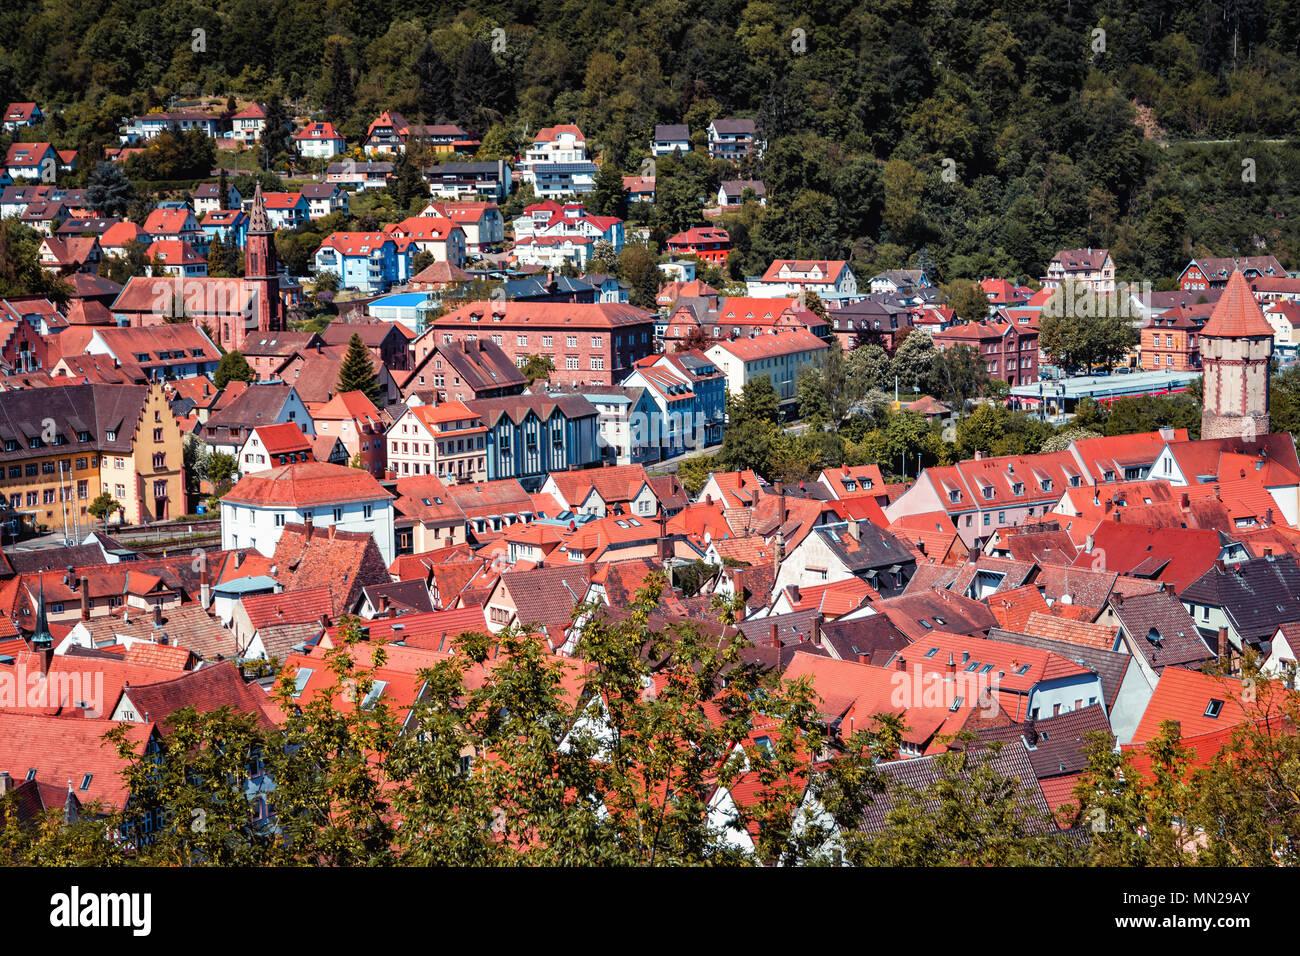 Antenne d'été pittoresque panorama de la vieille ville ville de Wertheim am Main, Bavière, Allemagne Photo Stock